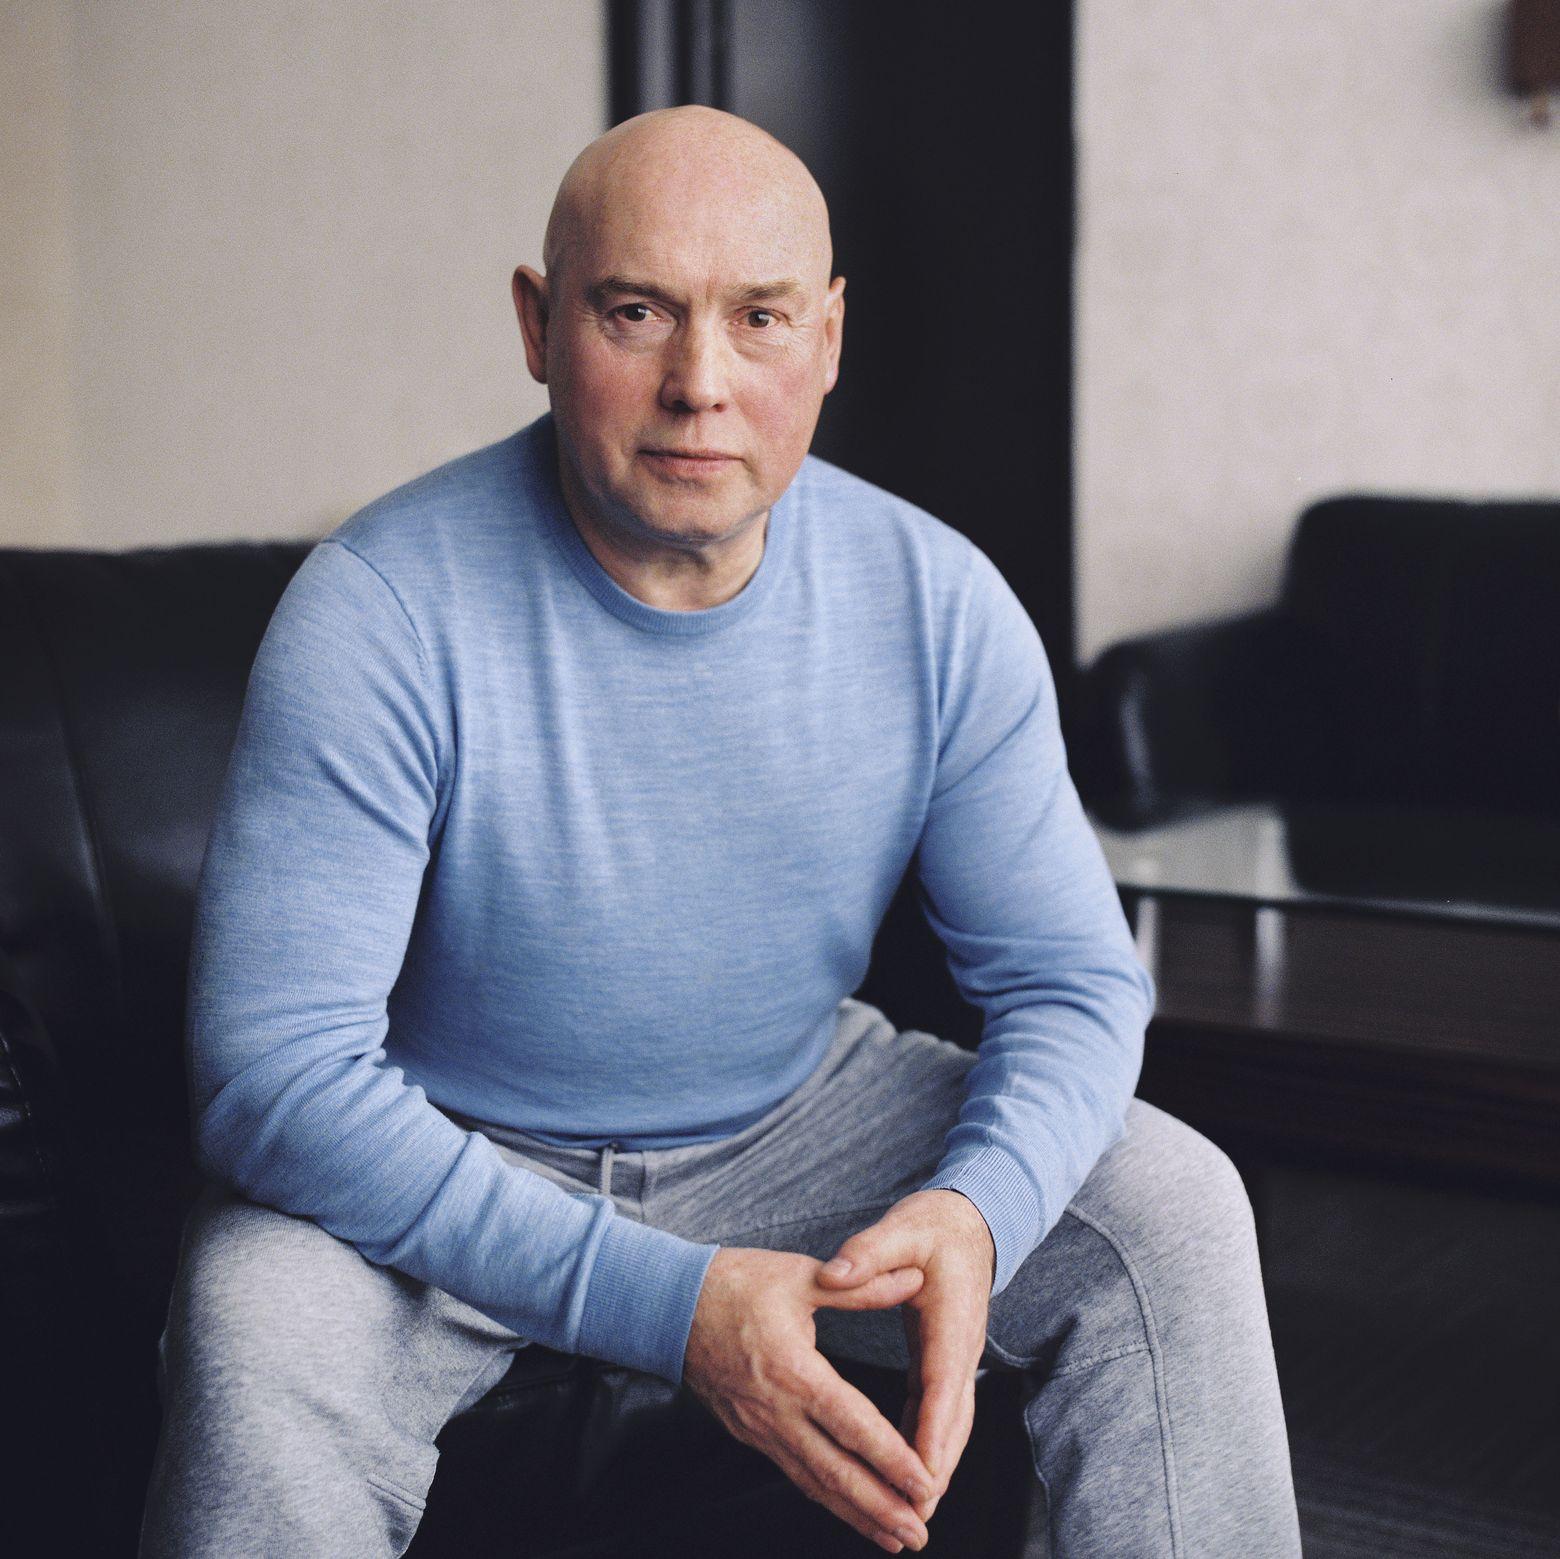 Виктор Сухоруков, актер